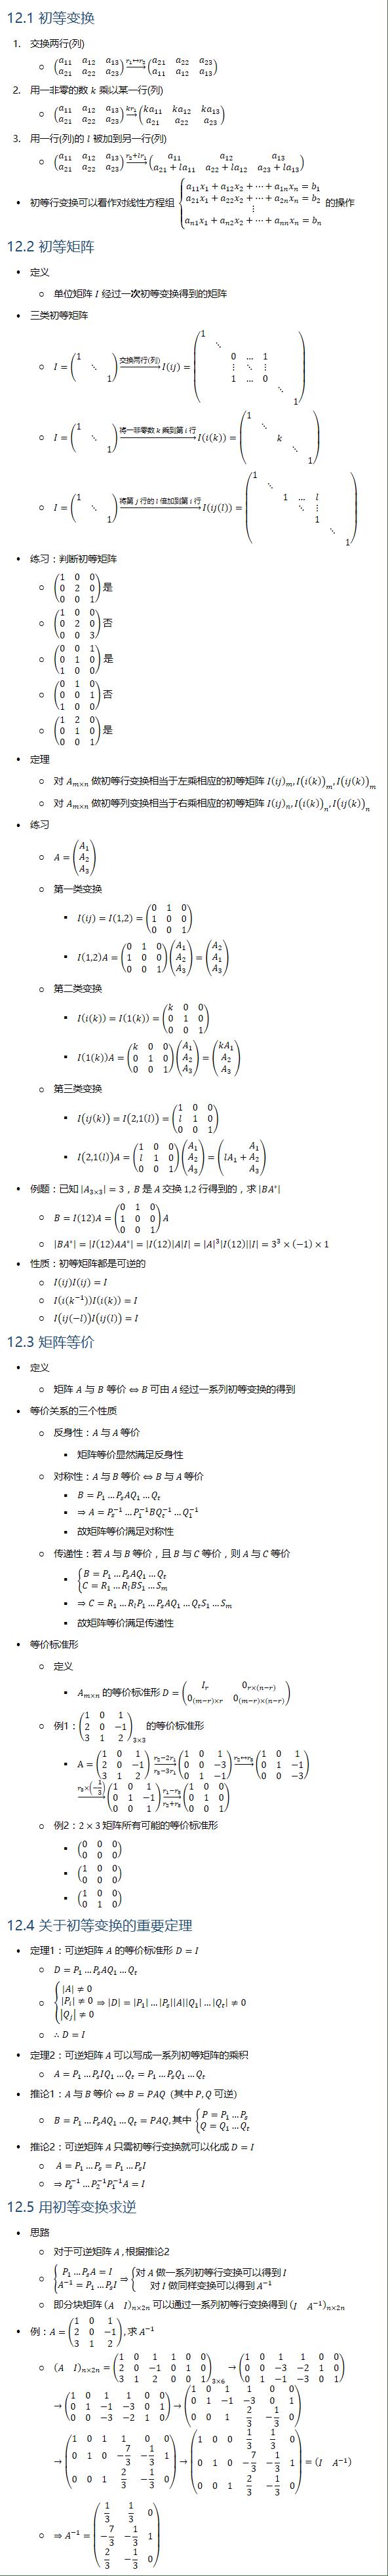 12.1 初等变换 1. 交换两行(列) ○ (■8(a_11&a_12&a_13@a_21&a_22&a_23 )) →┴(r_1↔r_2 ) (■8(a_21&a_22&a_23@a_11&a_12&a_13 )) 2. 用一非零的数 k 乘以某一行(列) ○ (■8(a_11&a_12&a_13@a_21&a_22&a_23 )) →┴(kr_1 ) (■8(ka_11&ka_12&ka_13@a_21&a_22&a_23 )) 3. 用一行(列)的 l 被加到另一行(列) ○ (■8(a_11&a_12&a_13@a_21&a_22&a_23 )) →┴(r_2+lr_1 ) (■8(a_11&a_12&a_13@a_21+la_11&a_22+la_12&a_23+la_13 )) • 初等行变换可以看作对线性方程组 {█(a_11 x_1+a_12 x_2+…+a_1n x_n=b_1@a_21 x_1+a_22 x_2+…+a_2n x_n=b_2@⋮@a_n1 x_1+a_n2 x_2+…+a_nn x_n=b_n )┤ 的操作 12.2 初等矩阵 • 定义 ○ 单位矩阵 I 经过一次初等变换得到的矩阵 • 三类初等矩阵 ○ I=(■(1&&@&⋱&@&&1)) →┴(交换两行(列)) I(ij)=(■(1&&&&&&@&⋱&&&&&@&&0&…&1&&@&&⋮&⋱&⋮&&@&&1&…&0&&@&&&&&⋱&@&&&&&&1)) ○ I=(■(1&&@&⋱&@&&1)) →┴(将一非零数 k 乘到第 i 行) I(i(k))=(■(1&&&&@&⋱&&&@&&k&&@&&&⋱&@&&&&1)) ○ I=(■(1&&@&⋱&@&&1)) →┴(将第 j 行的 l 倍加到第 i 行) I(ij(l))=(■(1&&&&&&@&⋱&&&&&@&&1&…&l&&@&&&⋱&⋮&&@&&&&1&&@&&&&&⋱&@&&&&&&1)) • 练习:判断初等矩阵 ○ (■8(1&0&0@0&2&0@0&0&1)) 是 ○ (■8(1&0&0@0&2&0@0&0&3)) 否 ○ (■8(0&0&1@0&1&0@1&0&0)) 是 ○ (■8(0&1&0@0&0&1@1&0&0)) 否 ○ (■8(1&2&0@0&1&0@0&0&1)) 是 • 定理 ○ 对 A_(m×n) 做初等行变换相当于左乘相应的初等矩阵 I(ij)_m, I(i(k))_m, I(ij(k))_m ○ 对 A_(m×n) 做初等列变换相当于右乘相应的初等矩阵 I(ij)_n, I(i(k))_n, I(ij(k))_n • 练习 ○ A=(■8(A_1@A_2@A_3 )) ○ 第一类变换 § I(ij)=I(1,2)=(■8(0&1&0@1&0&0@0&0&1)) § I(1,2)A=(■8(0&1&0@1&0&0@0&0&1))(■8(A_1@A_2@A_3 ))=(■8(A_2@A_1@A_3 )) ○ 第二类变换 § I(i(k))=I(1(k))=(■8(k&0&0@0&1&0@0&0&1)) § I(1(k))A=(■8(k&0&0@0&1&0@0&0&1))(■8(A_1@A_2@A_3 ))=(■8(〖kA〗_1@A_2@A_3 )) ○ 第三类变换 § I(ij(k))=I(2,1(l))=(■8(1&0&0@l&1&0@0&0&1)) § I(2,1(l))A=(■8(1&0&0@l&1&0@0&0&1))(■8(A_1@A_2@A_3 ))=(lA_1+■8(A_1@A_2@A_3 )) • 例题:已知 |A_(3×3) |=3,B 是 A 交换 1,2 行得到的,求 |BA^∗ | ○ B=I(12)A=(■8(0&1&0@1&0&0@0&0&1))A ○ |BA^∗ |=|I(12)AA^∗ |=|(I(12)|A|I)|=|A|^3 |I(12)||I|=3^3×(−1)×1 • 性质:初等矩阵都是可逆的 ○ I(ij)I(ij)=I ○ I(i(k^(−1)))I(i(k))=I ○ I(ij(−l))I(ij(l))=I 12.3 矩阵等价 • 定义 ○ 矩阵 A 与 B 等价 ⇔B 可由 A 经过一系列初等变换的得到 • 等价关系的三个性质 ○ 反身性:A 与 A 等价 § 矩阵等价显然满足反身性 ○ 对称性:A 与 B 等价⇔B 与 A 等价 § B=P_1…P_s 〖AQ〗_1…Q_t § ⇒A=P_s^(−1)…P_1^(−1) BQ_t^(−1)…Q_1^(−1) § 故矩阵等价满足对称性 ○ 传递性:若 A 与 B 等价,且 B 与 C 等价,则 A 与 C 等价 § {█(B=P_1…P_s 〖AQ〗_1…Q_